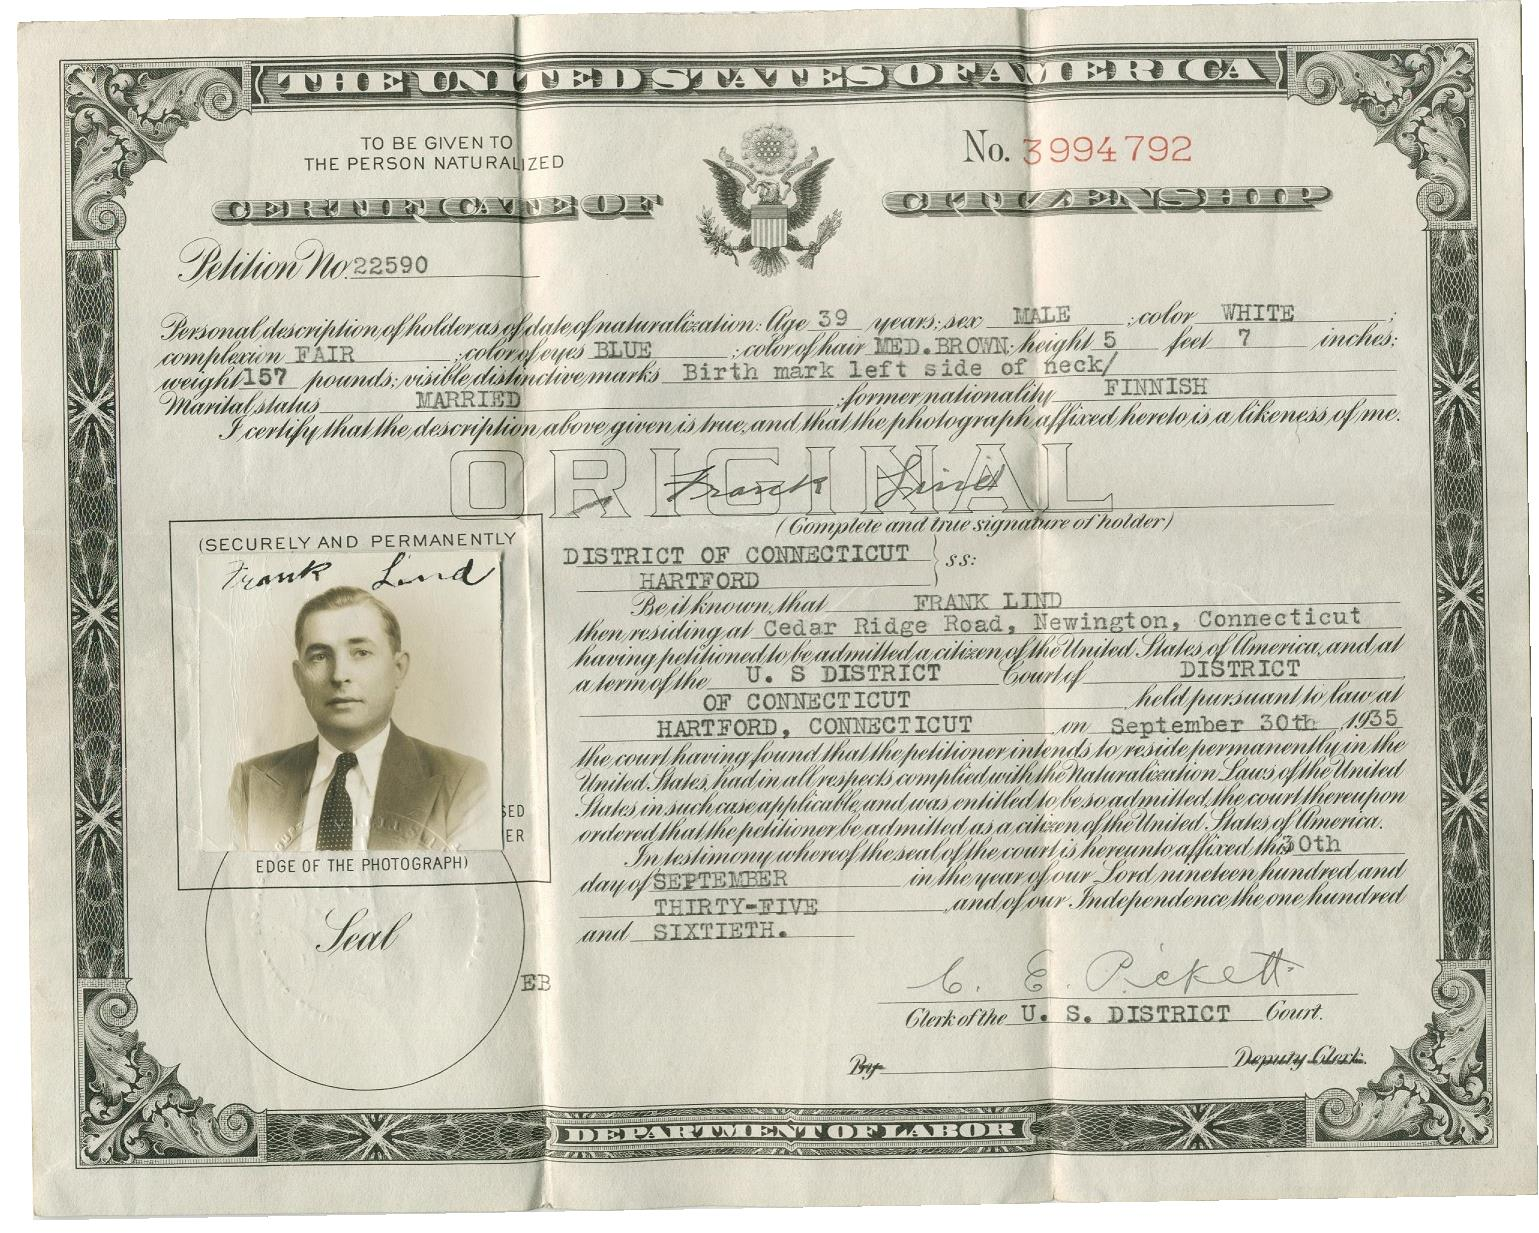 År 1935 blev Frans Lillkull eller Frank Lind amerikansk medborgare och han återvände aldrig till hemlandet.